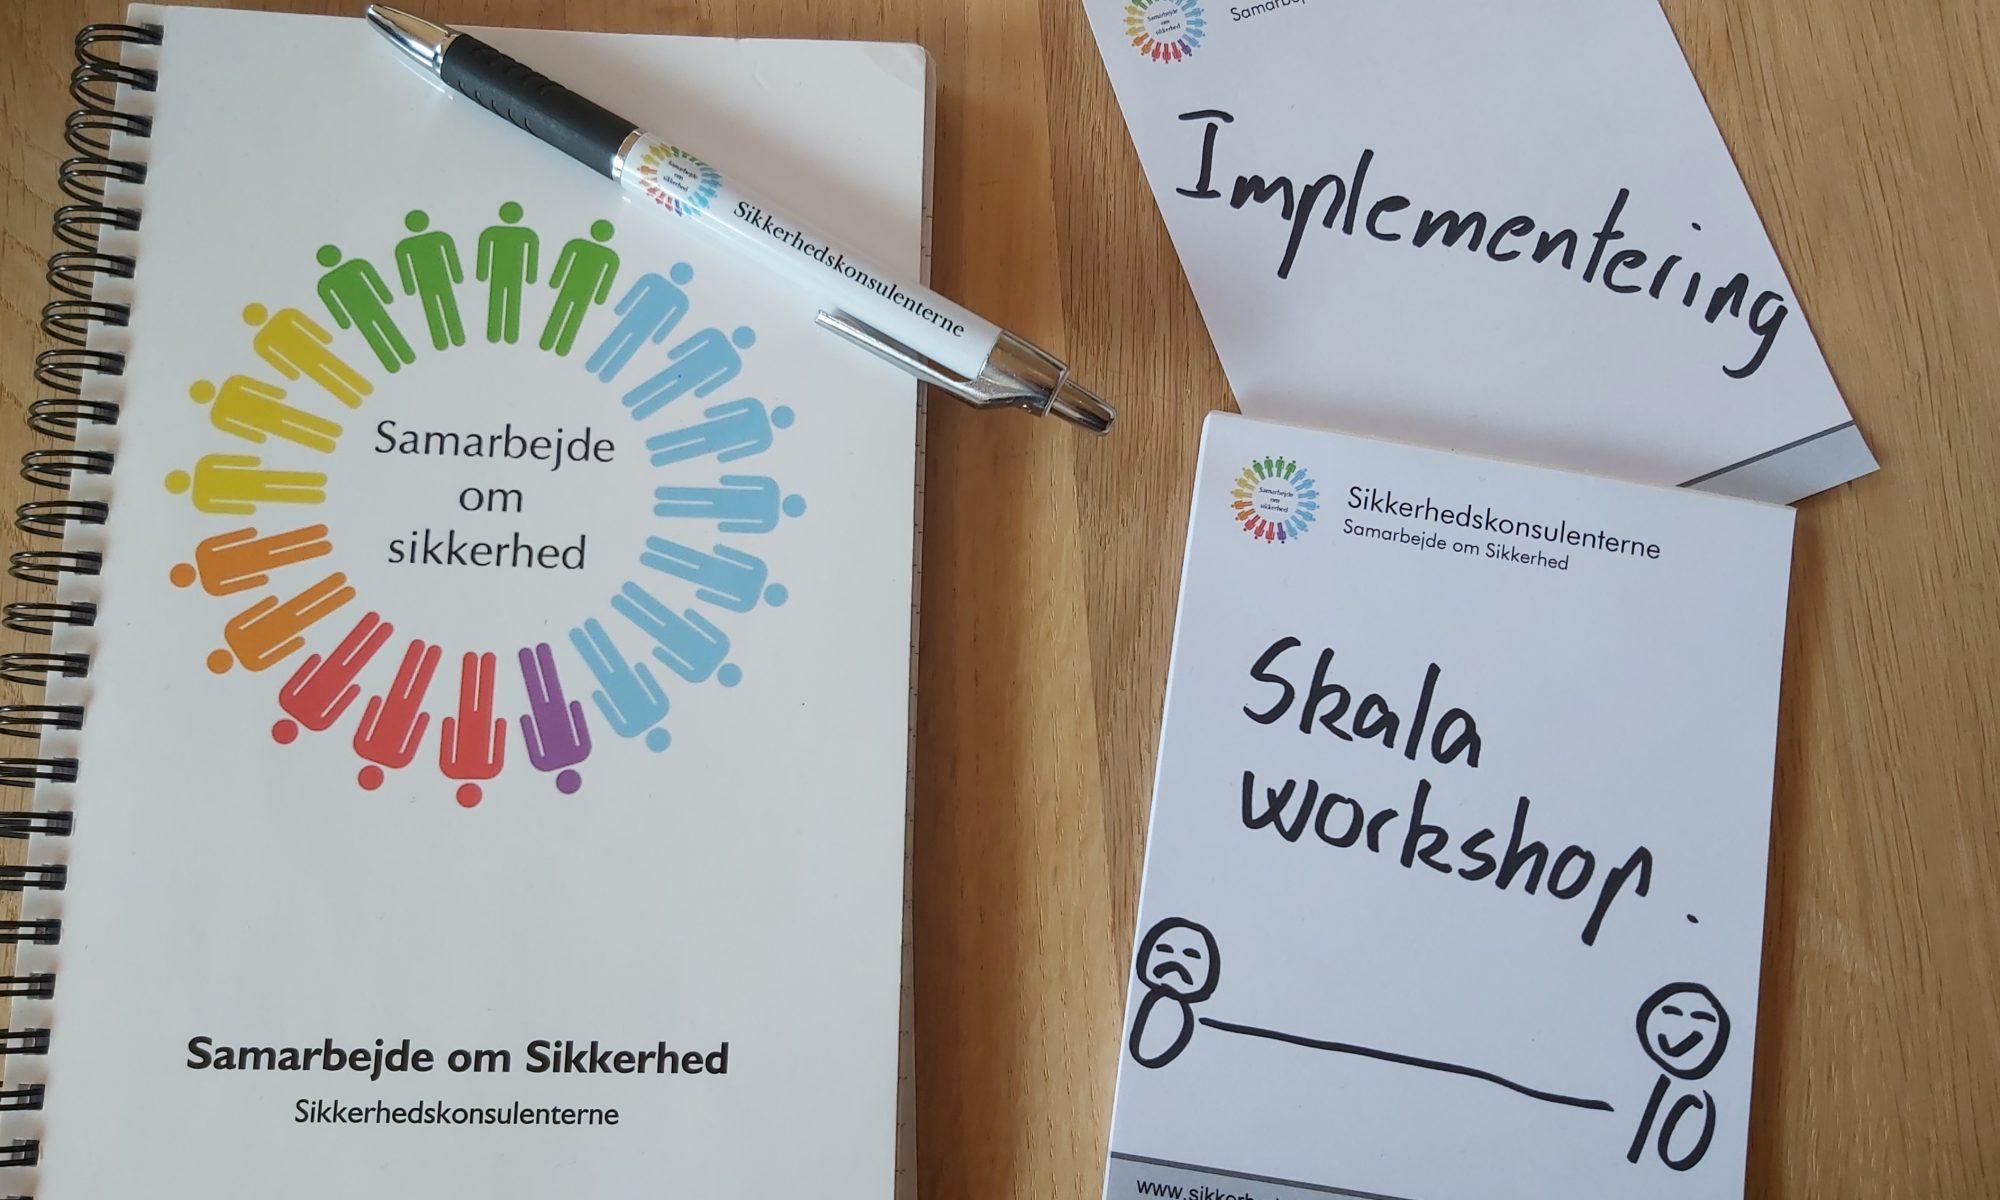 Skala Workshop Samarbejde Om Sikkerhed